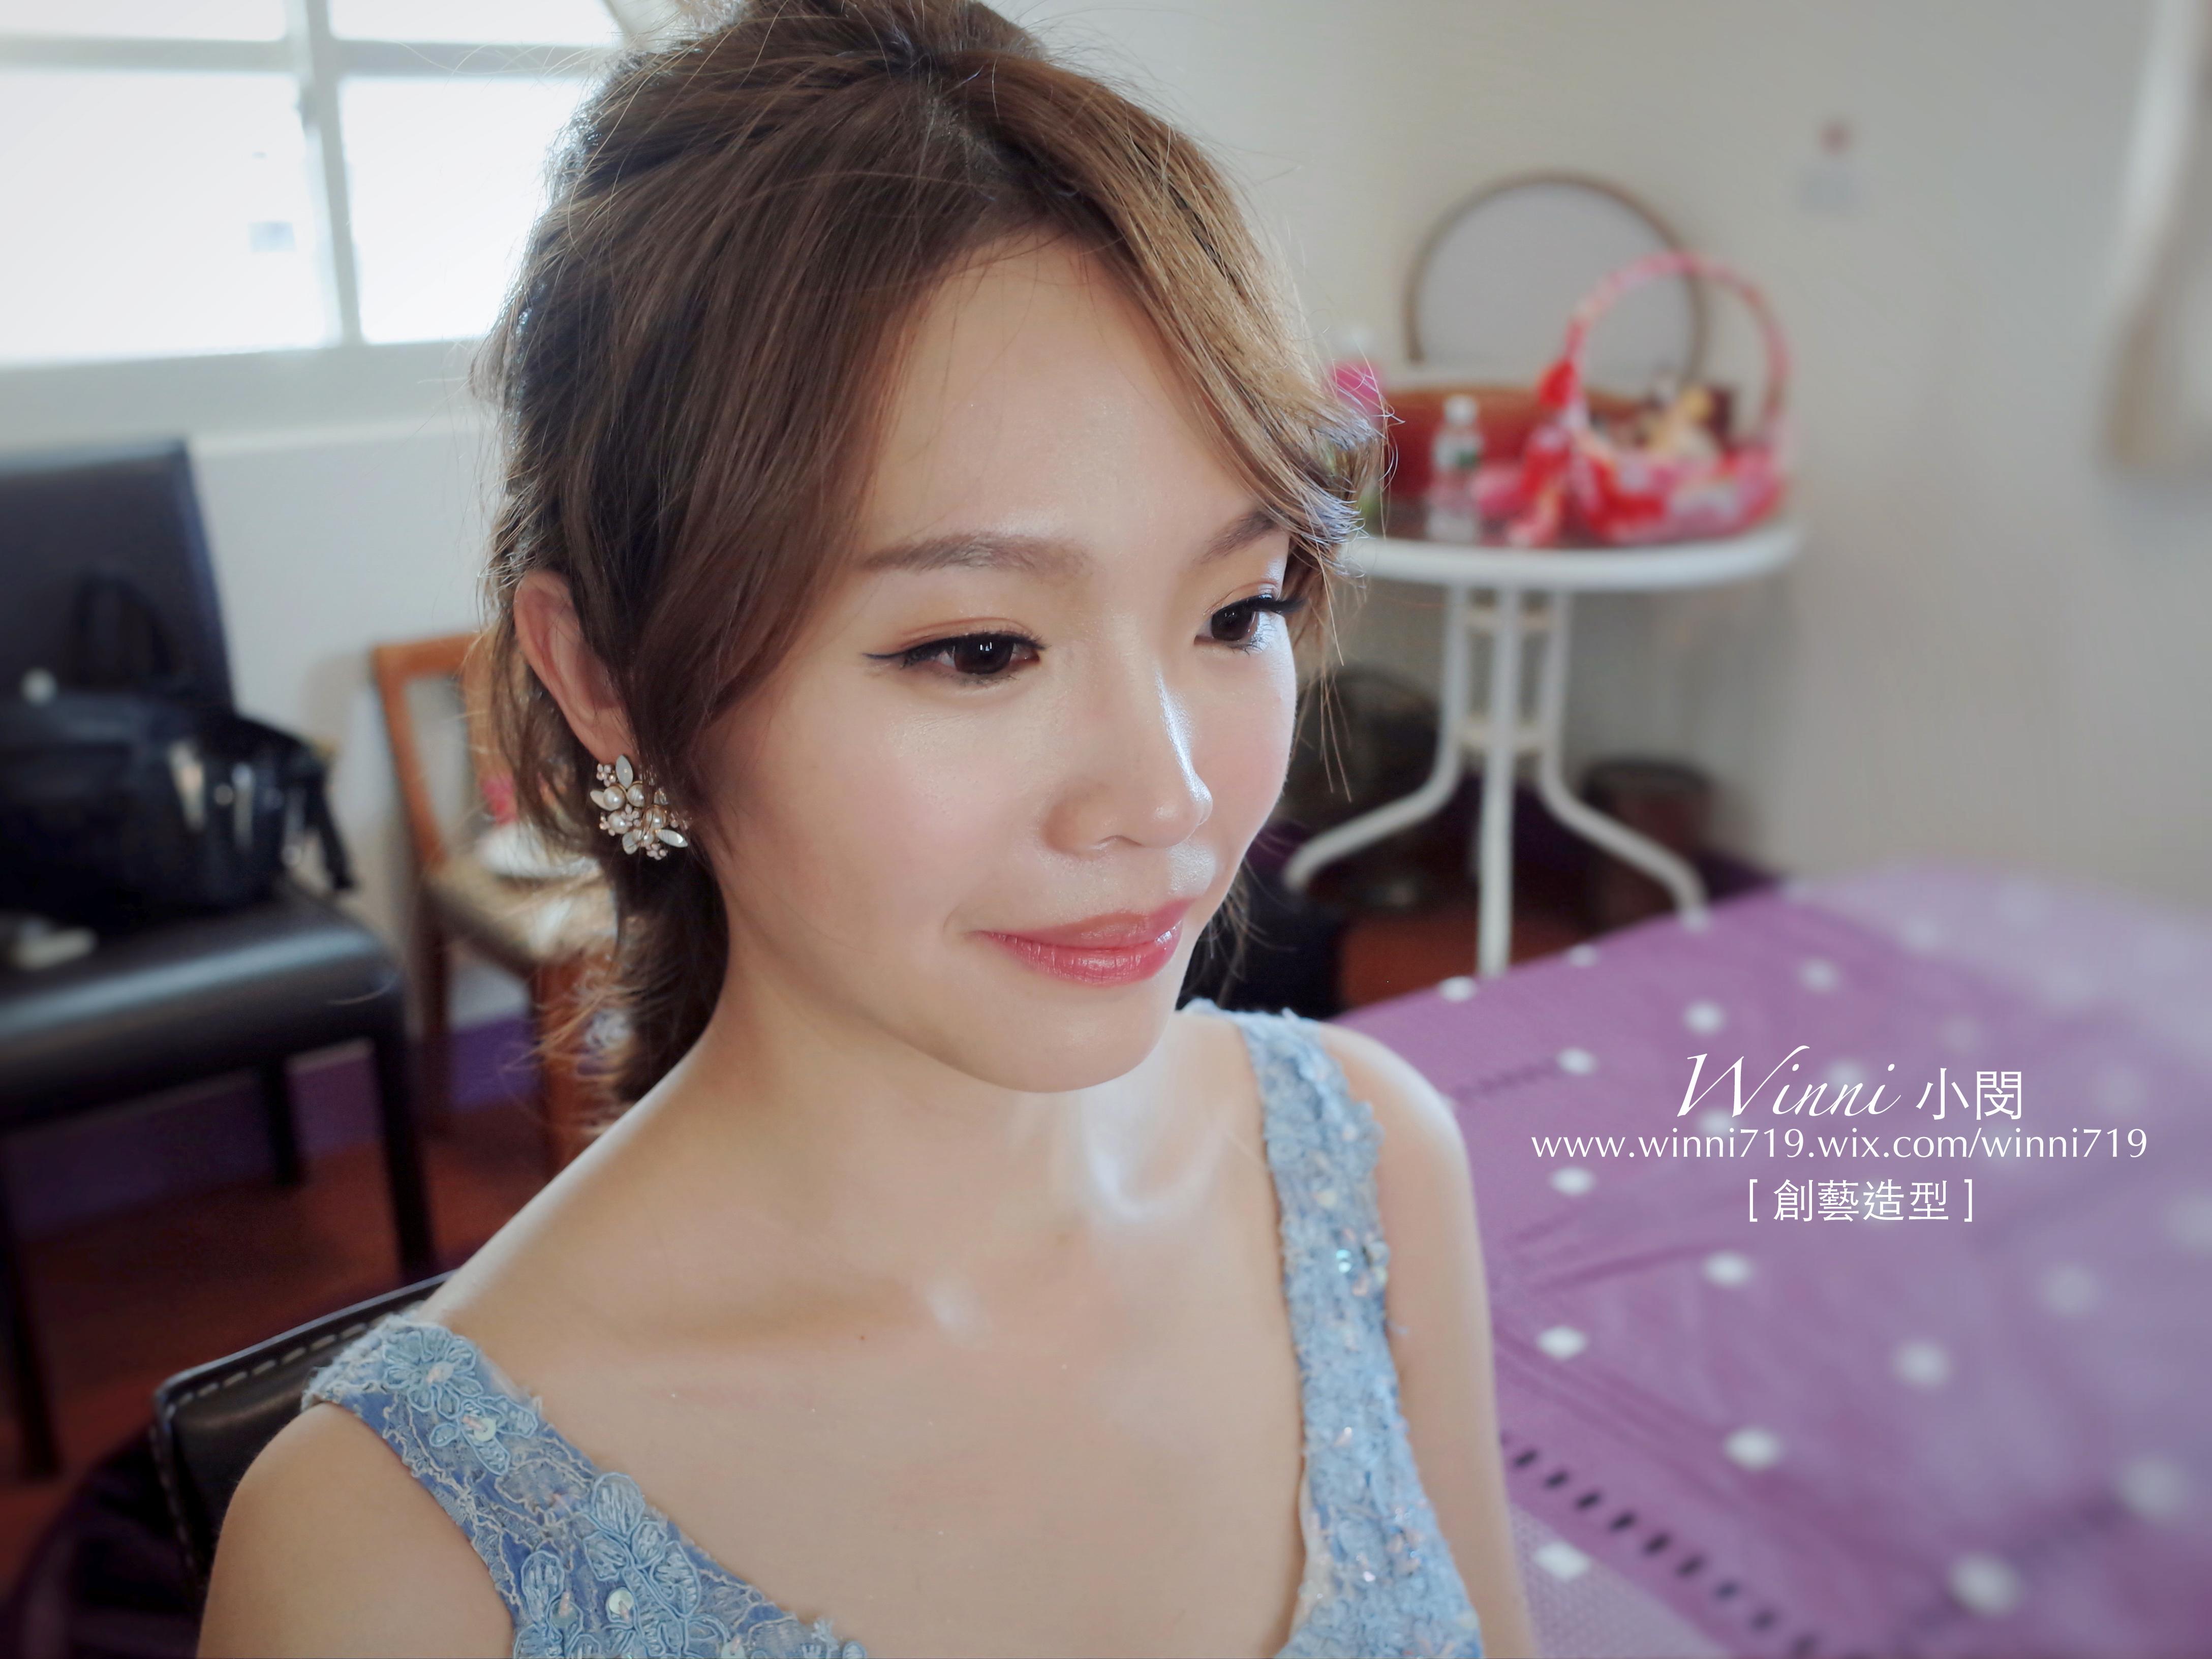 乾淨妝容-新娘造型